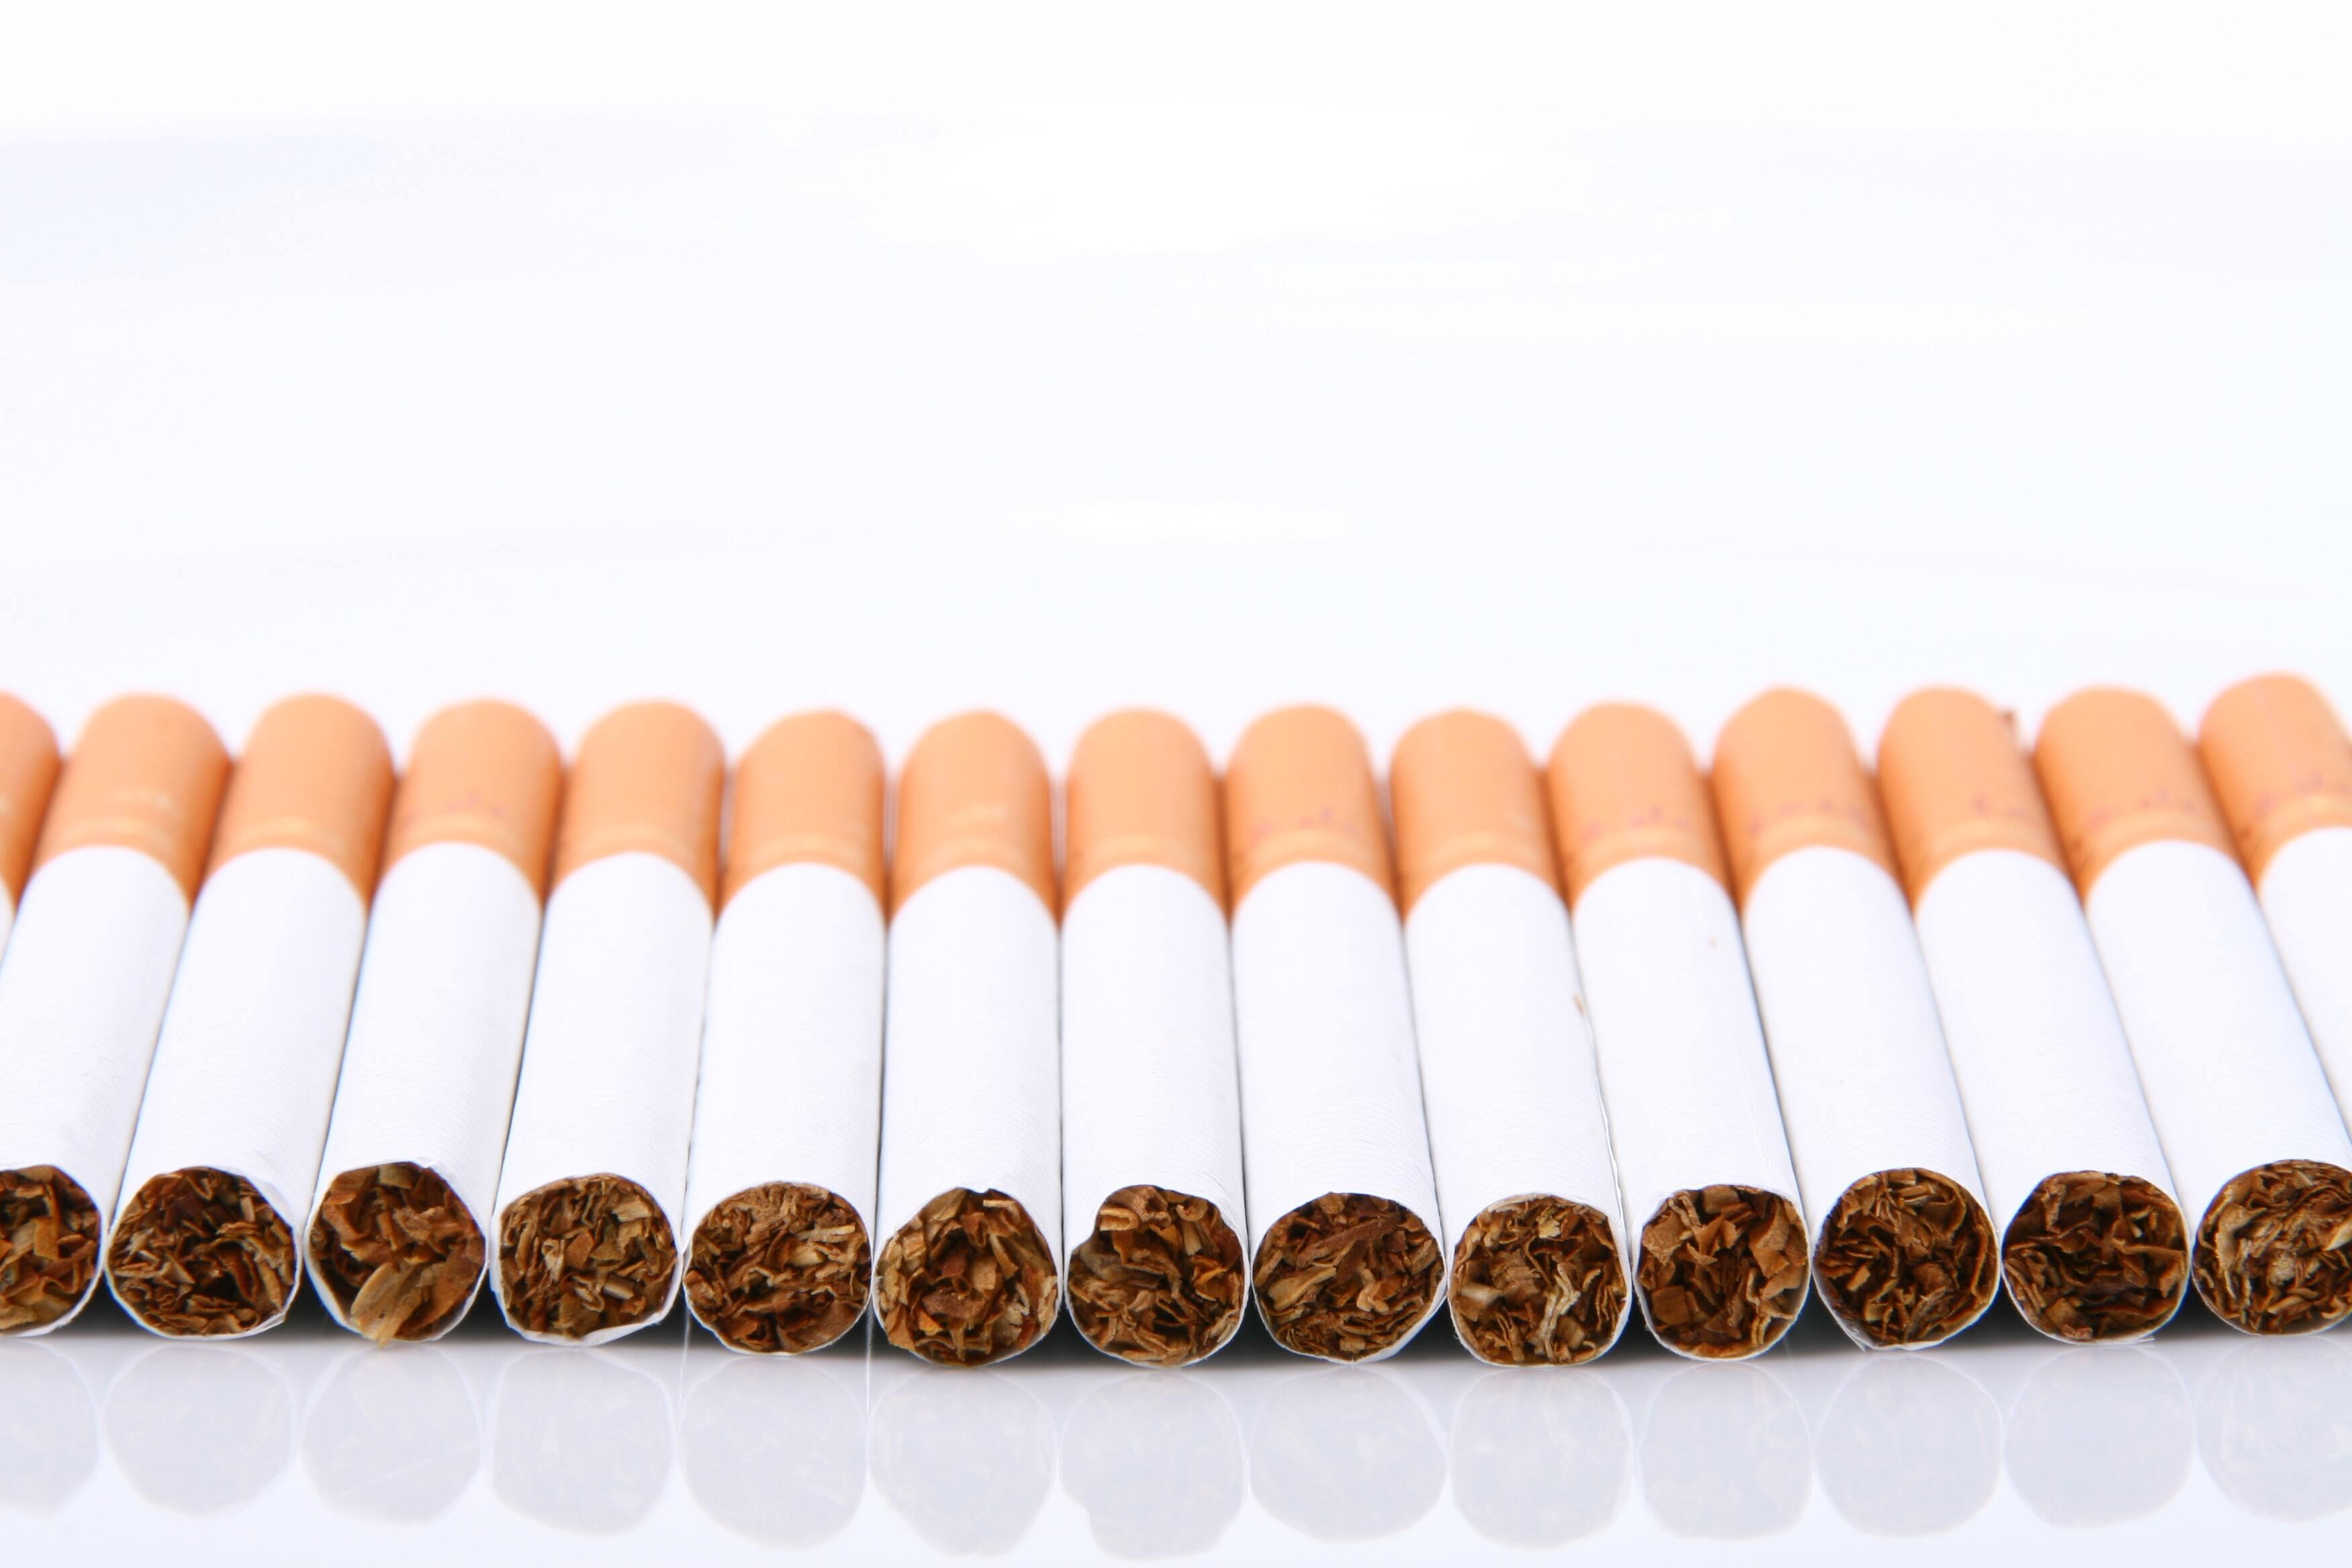 Учёные: люди начали курить табак ещё во времена мамонтов